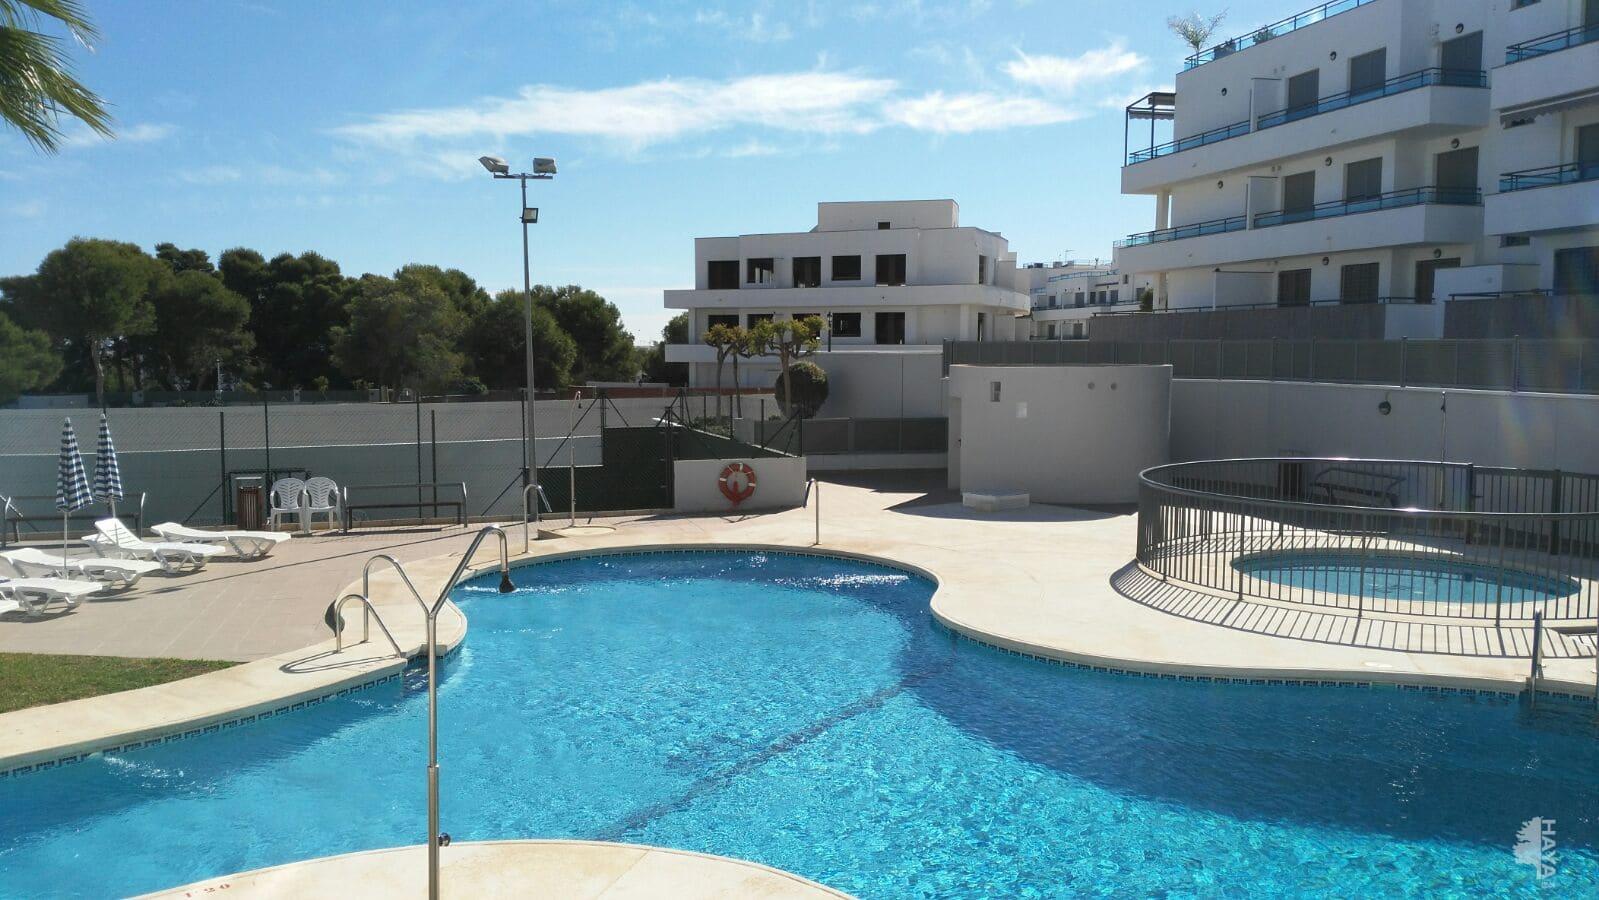 Piso en venta en Garrucha, Almería, Calle Murillo (pinar de Garrucha), B, 200.000 €, 2 habitaciones, 2 baños, 68 m2